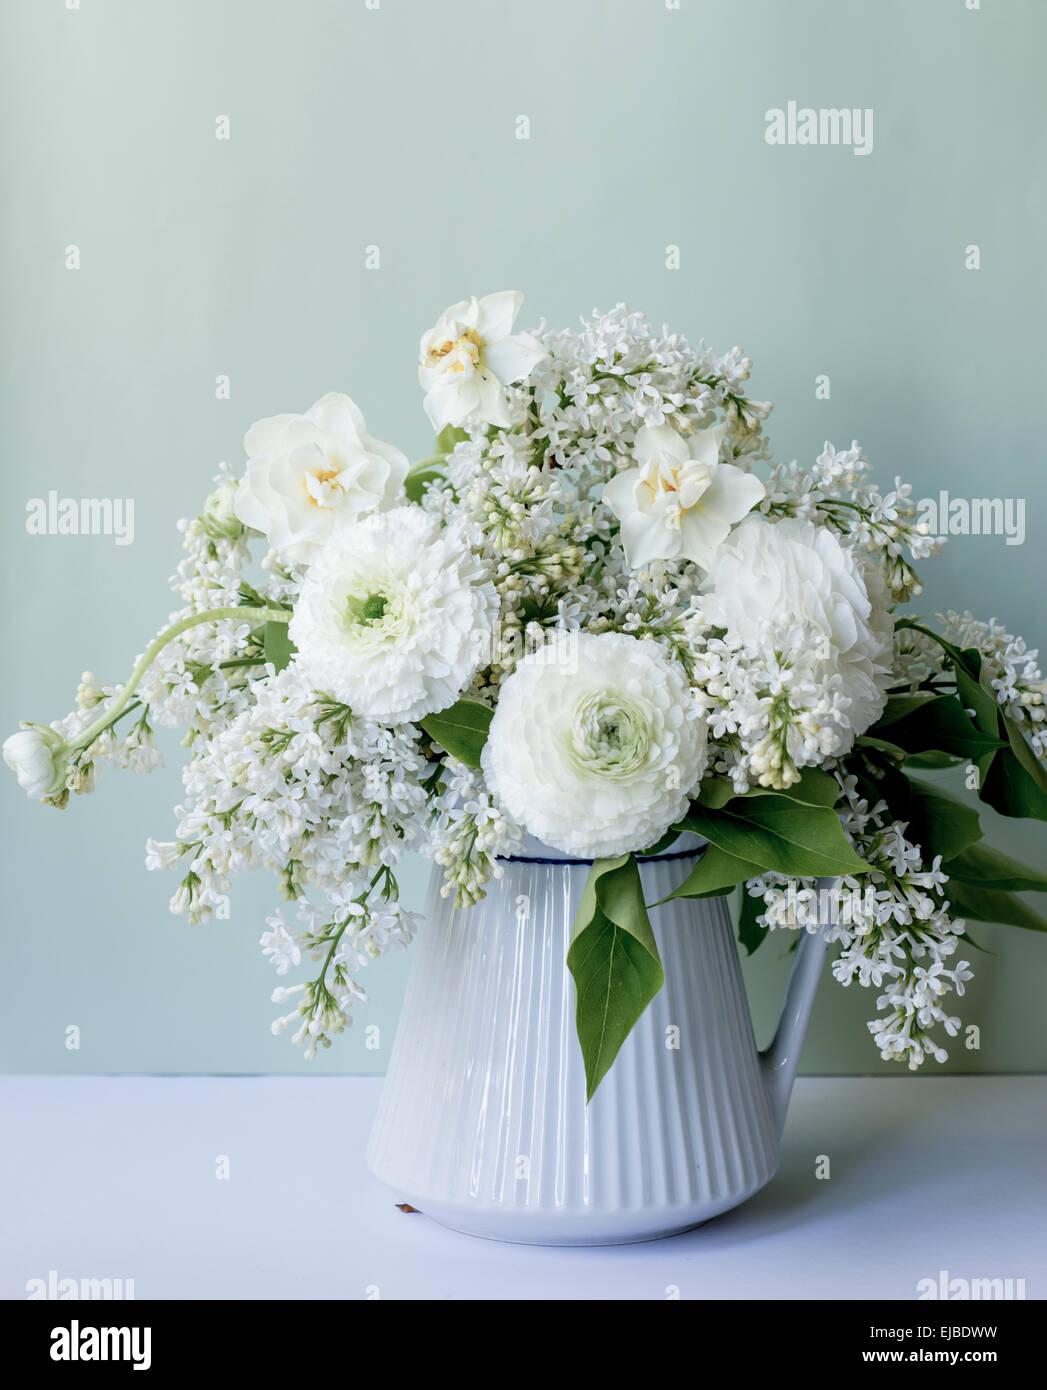 Fr hling blumen arrangement mit wei en ranunkeln und lila for Glasvase bepflanzen